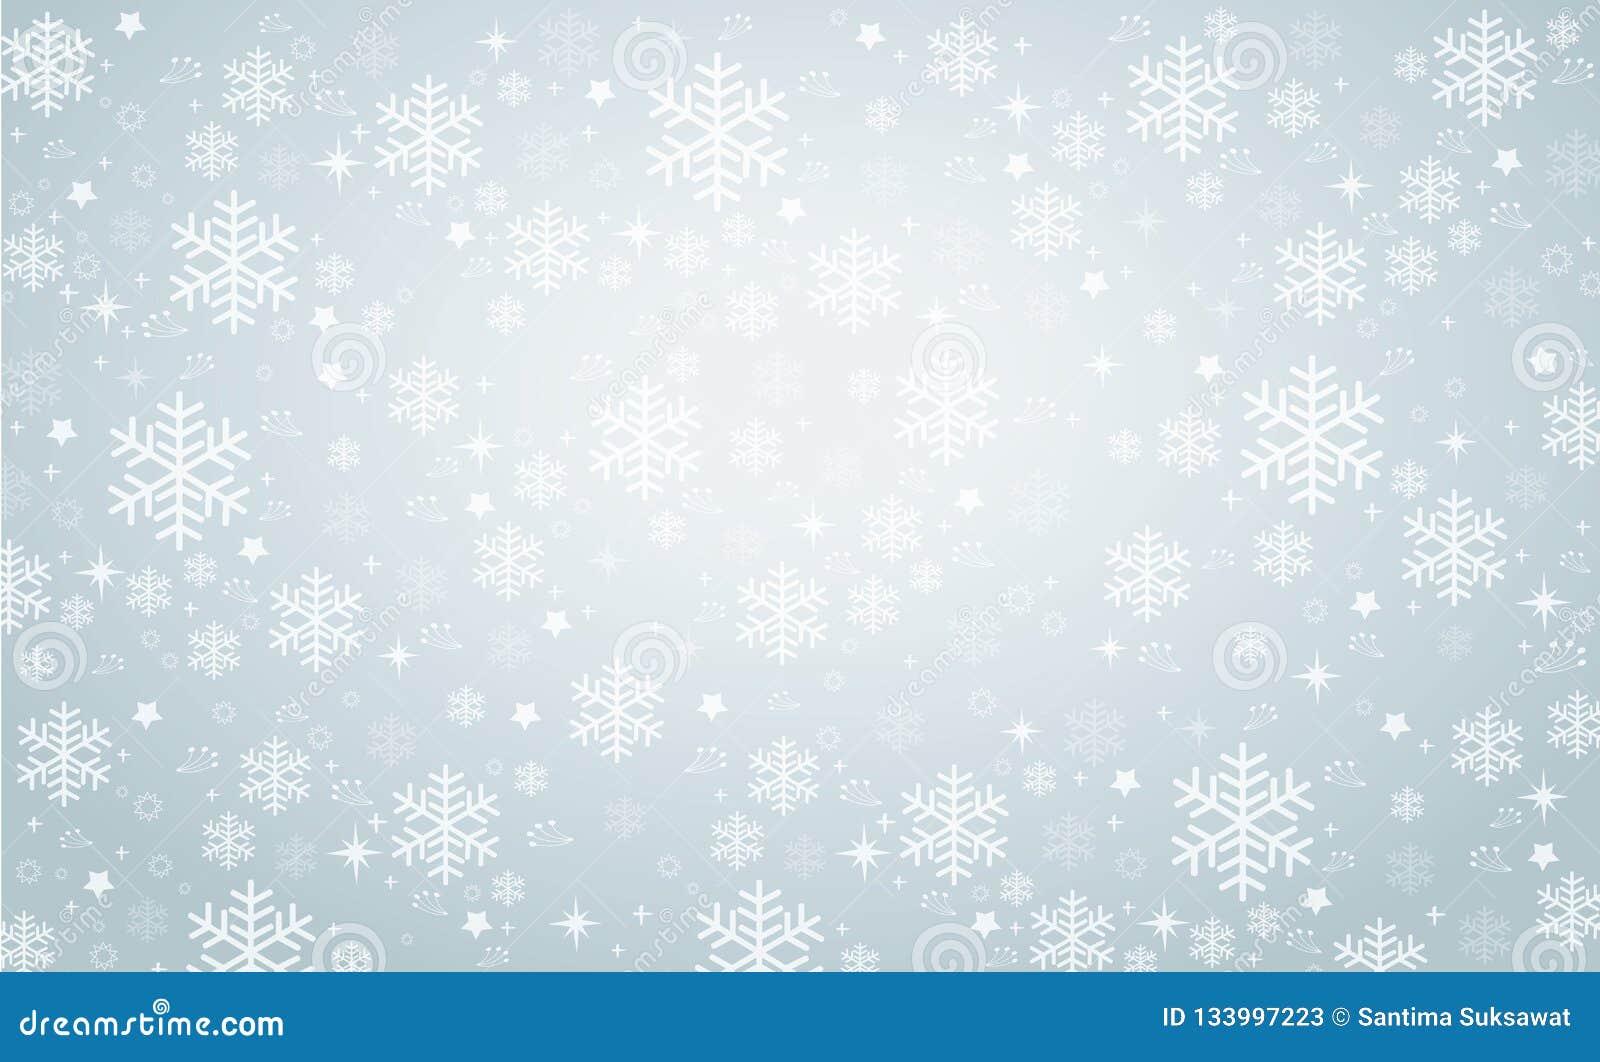 Ilustração eps10 do vetor do fundo da bandeira do inverno do floco de neve